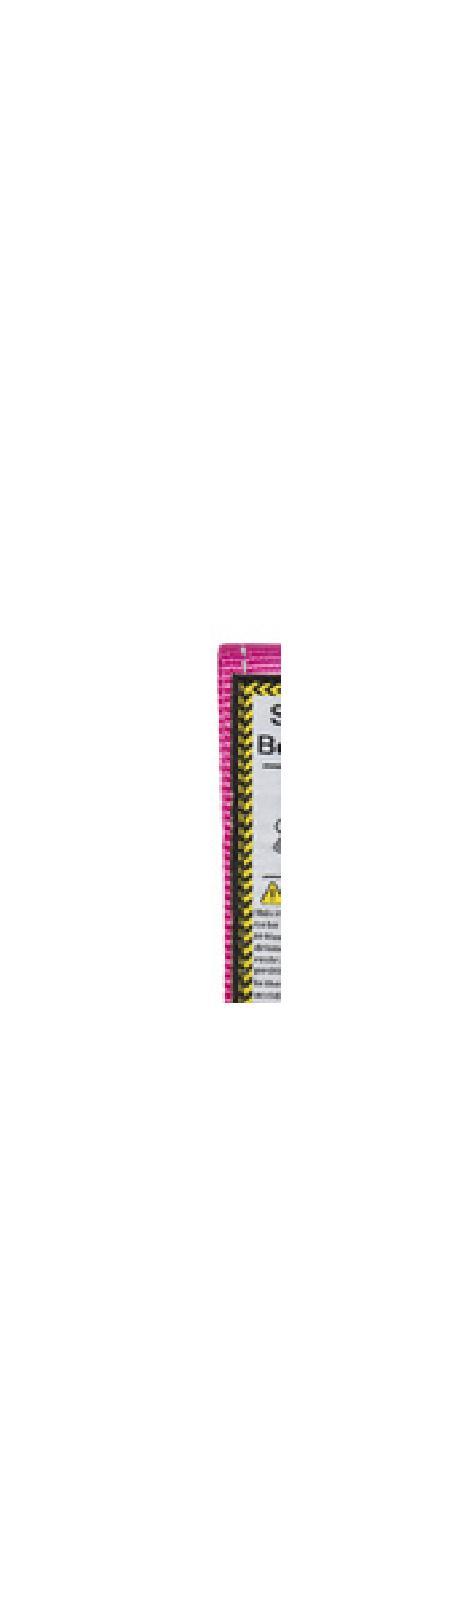 Rogz Ремень для пристегивания в автомобиле, розовый, SAFETY BELT CLIP SBC19K, 0,058 кг